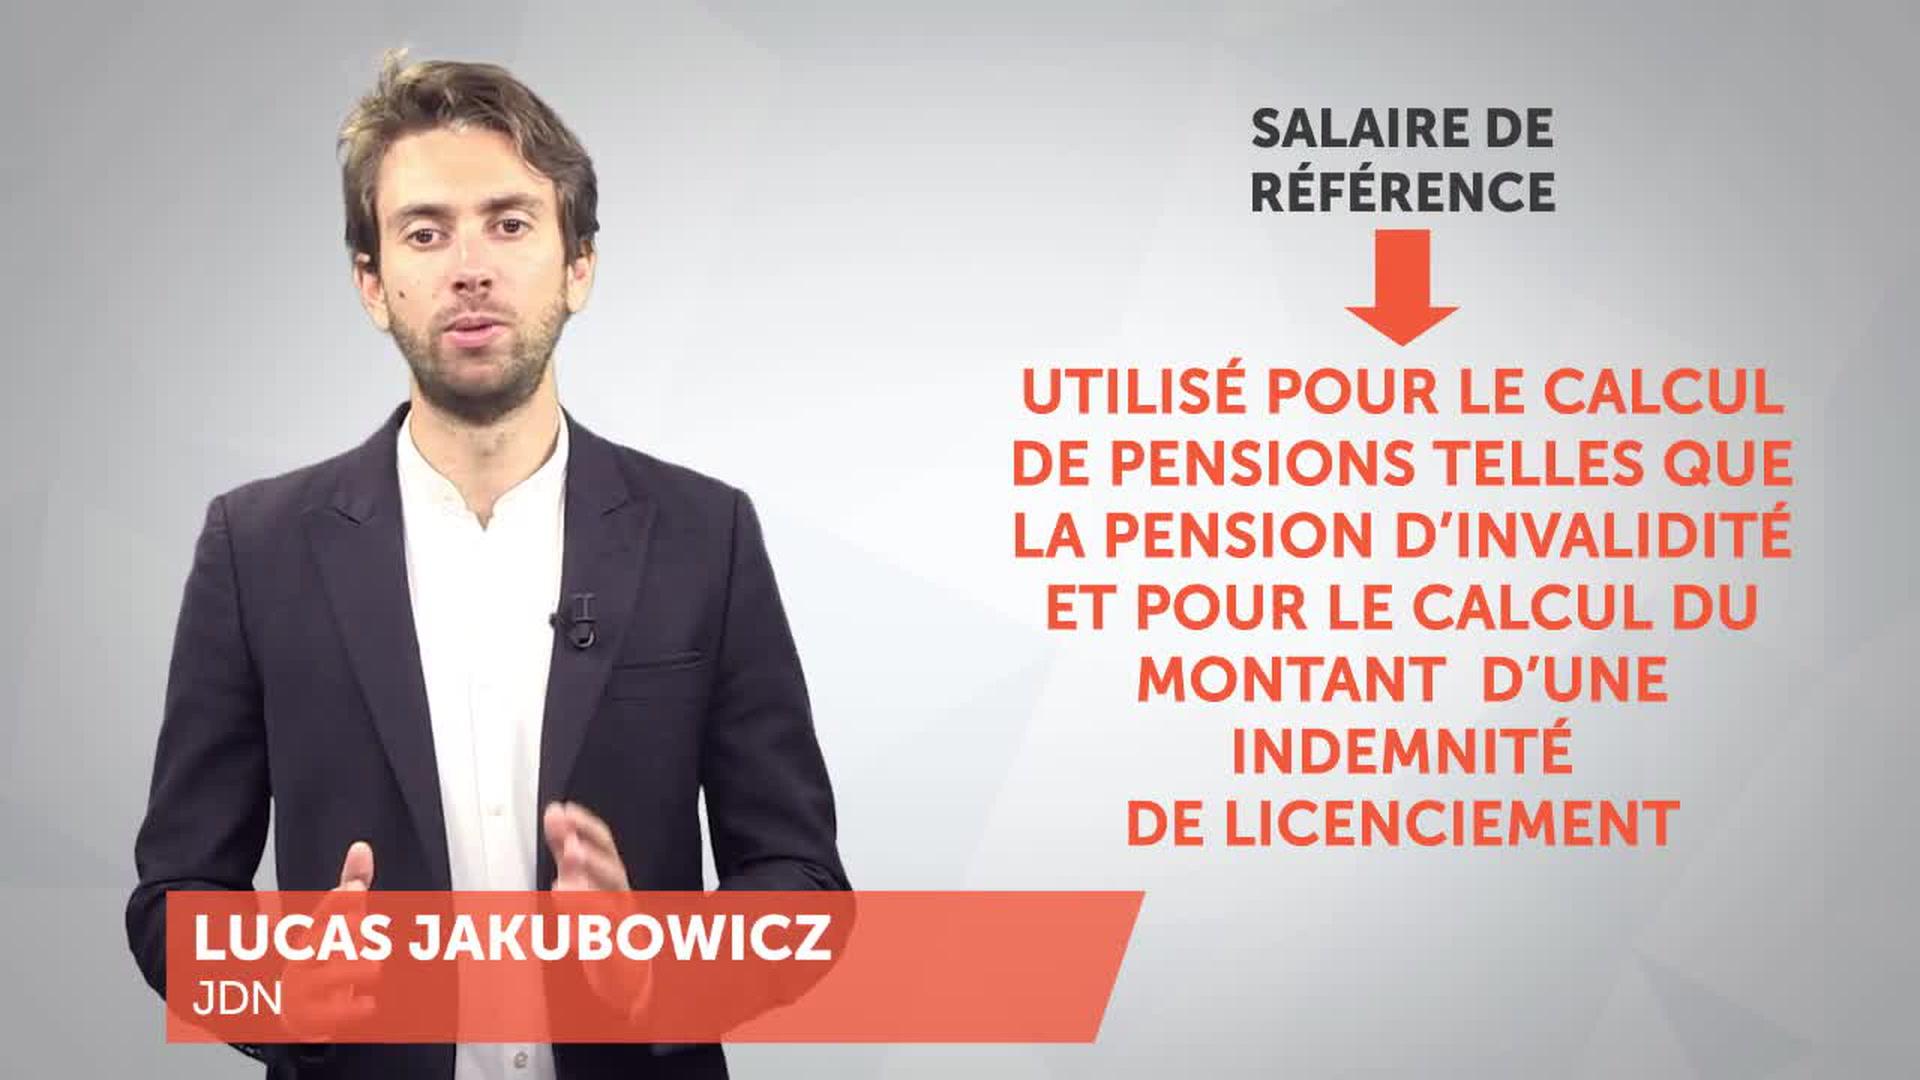 Le Salaire De Reference